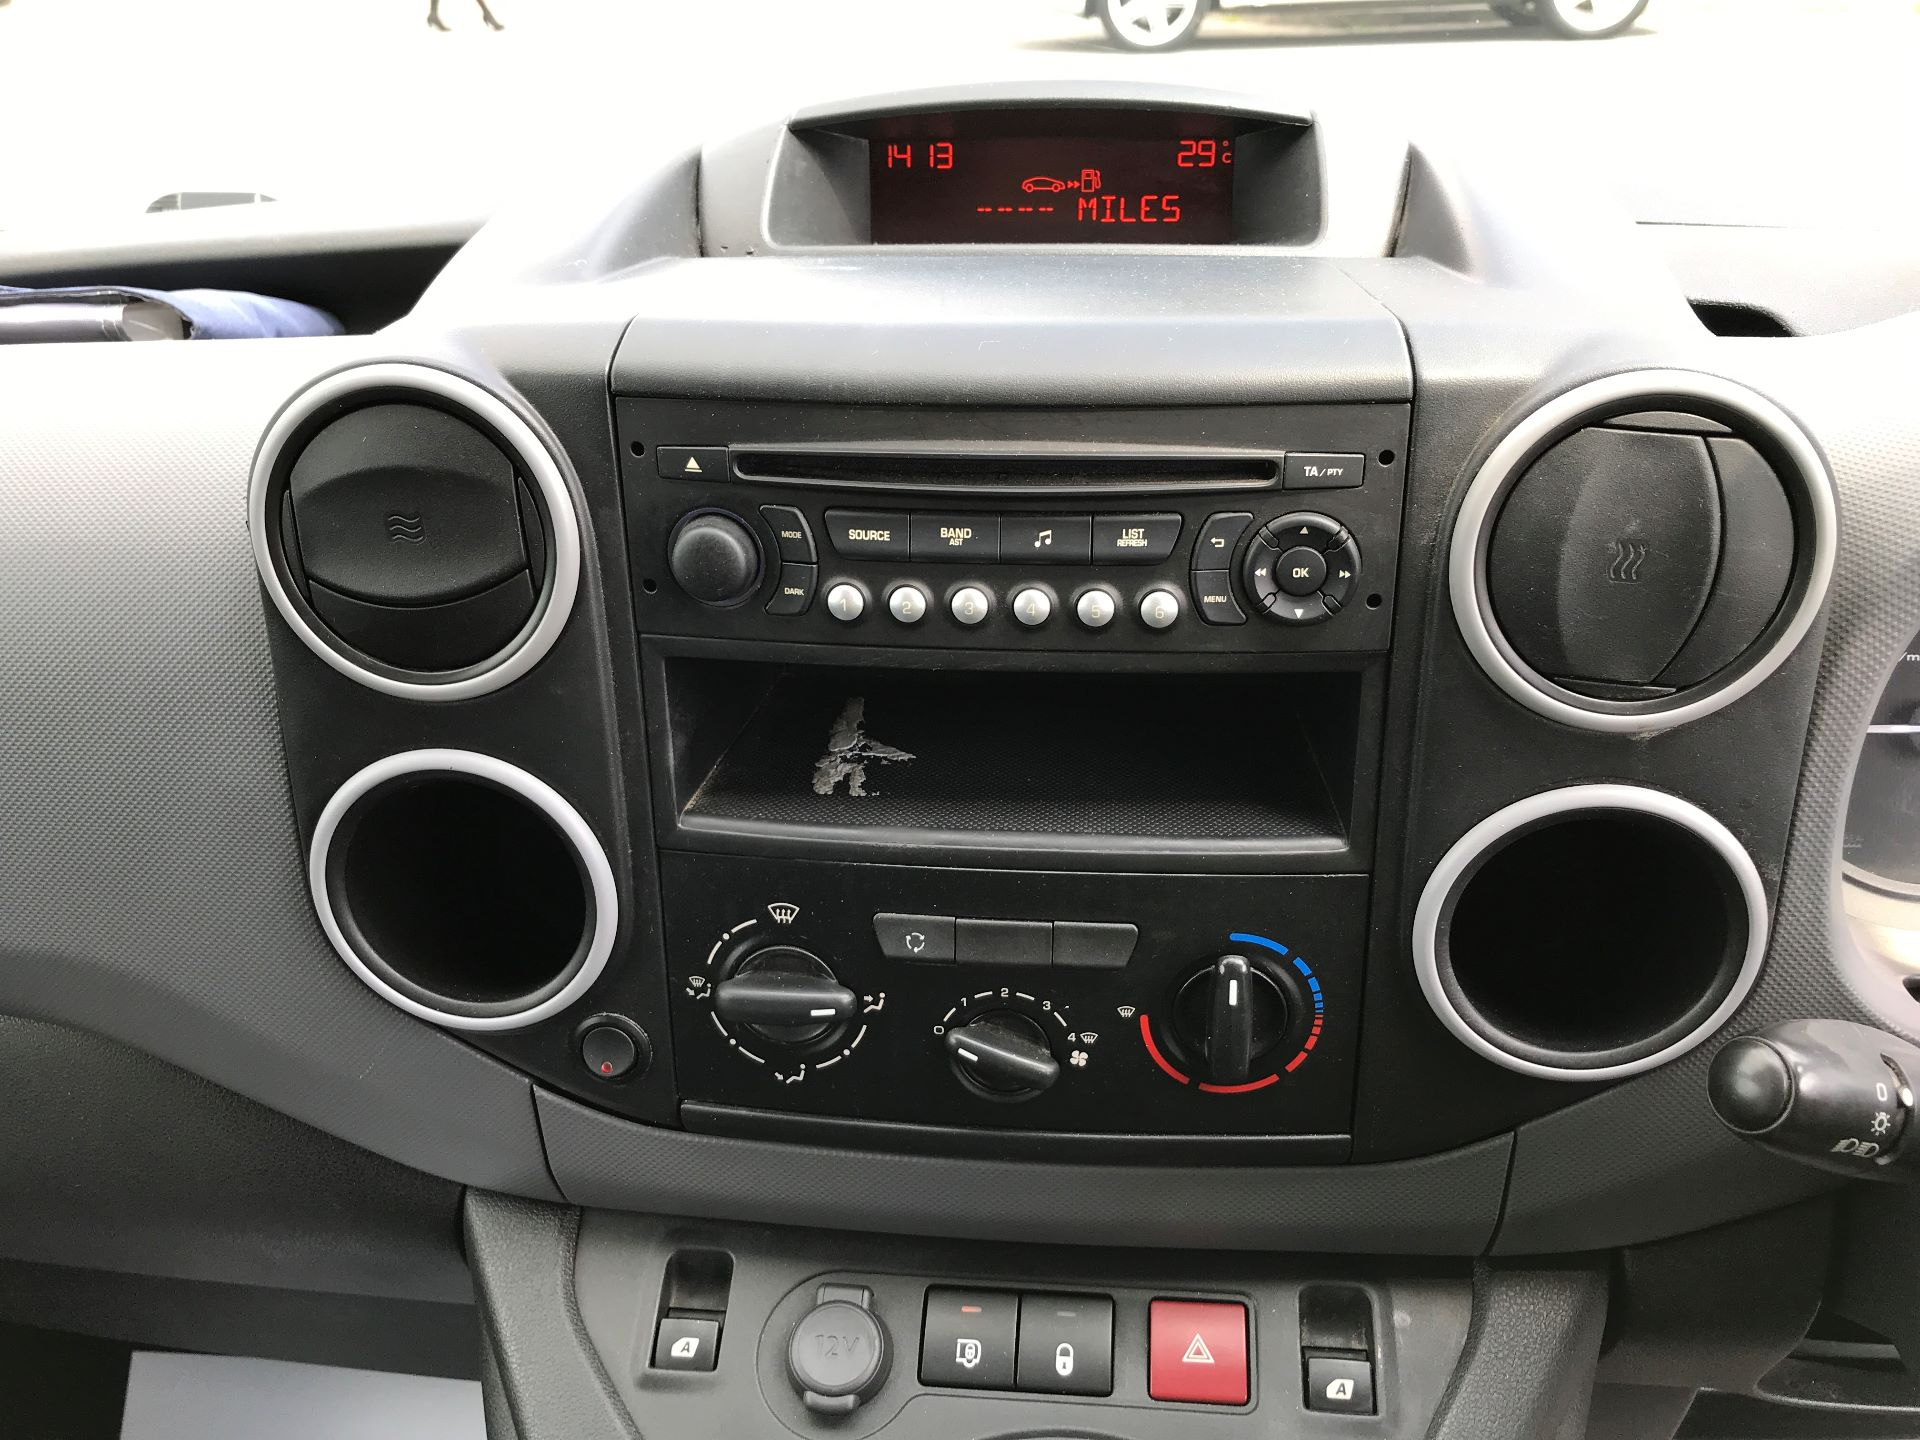 2016 Peugeot Partner L1 850 S 1.6HDI 92PS EURO 5 (NV65MHX) Image 3